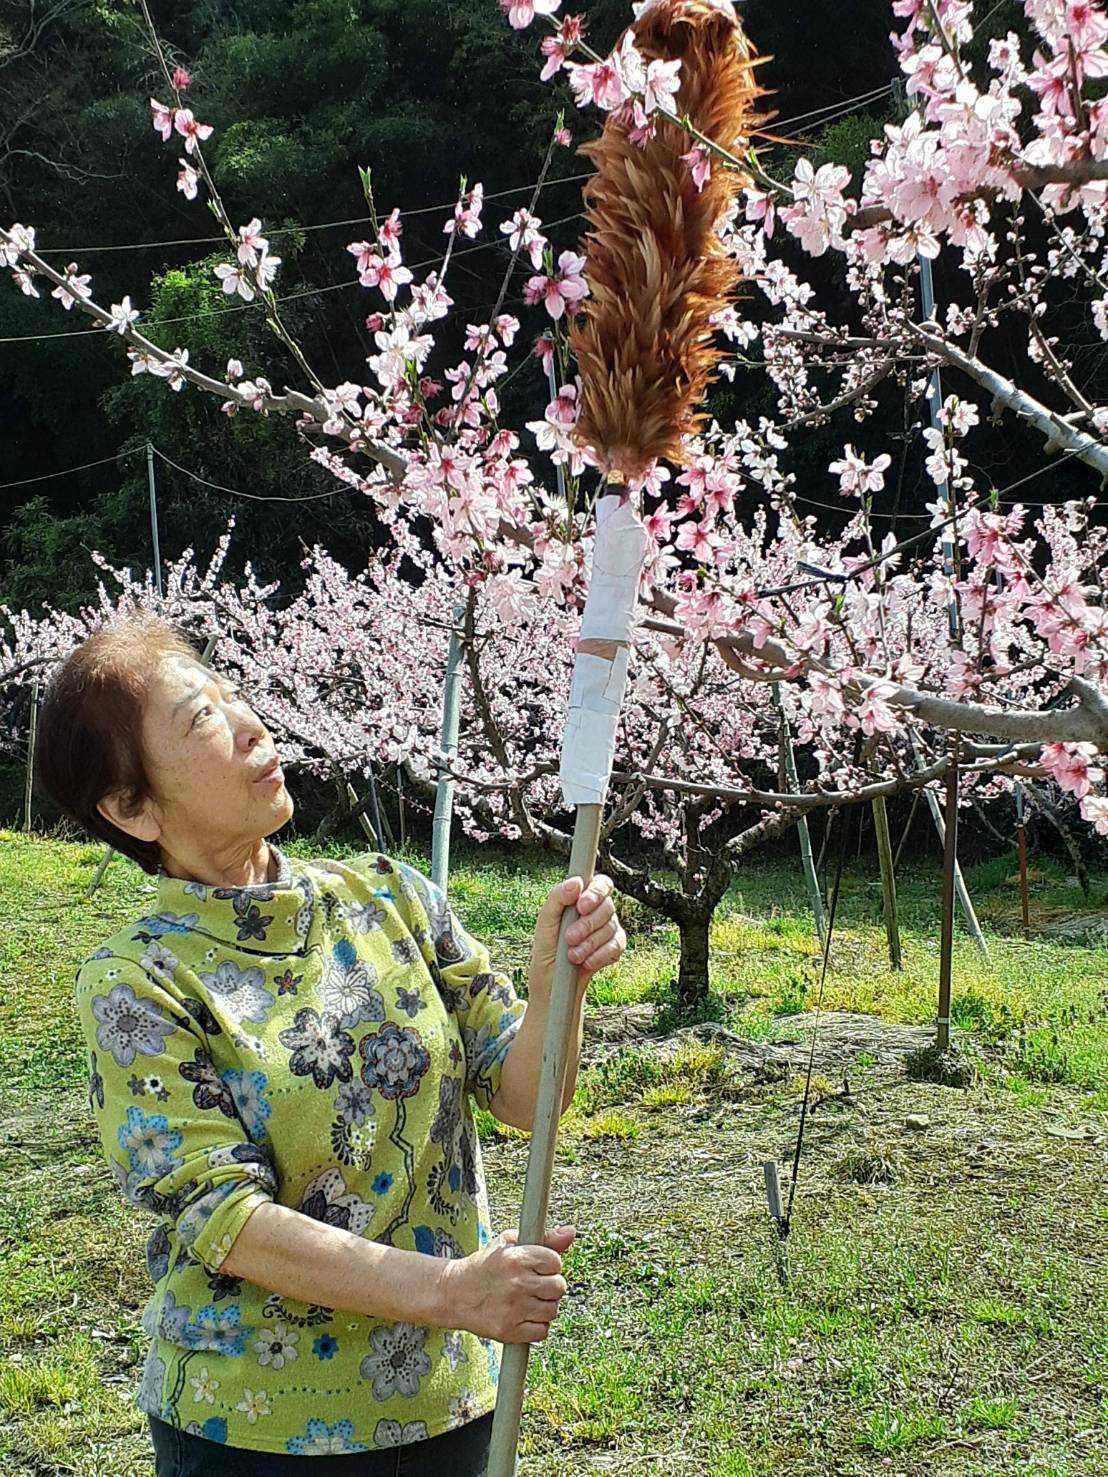 埃取り羽で花粉を付ける